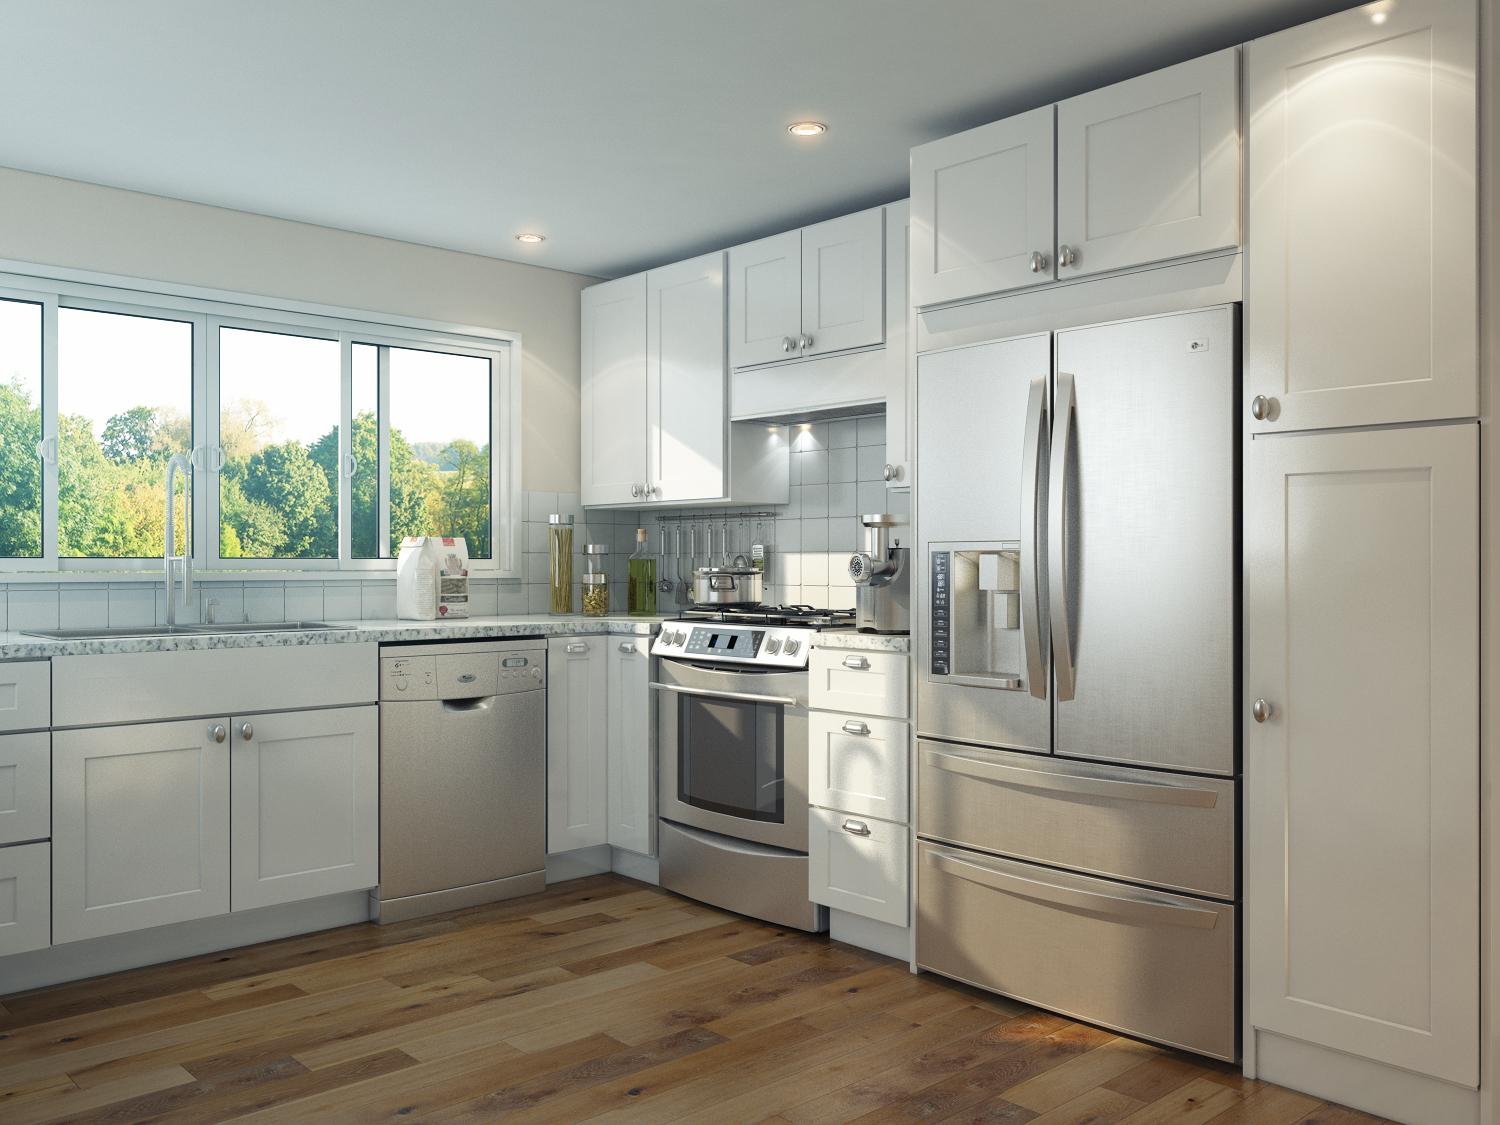 kitchen_color1